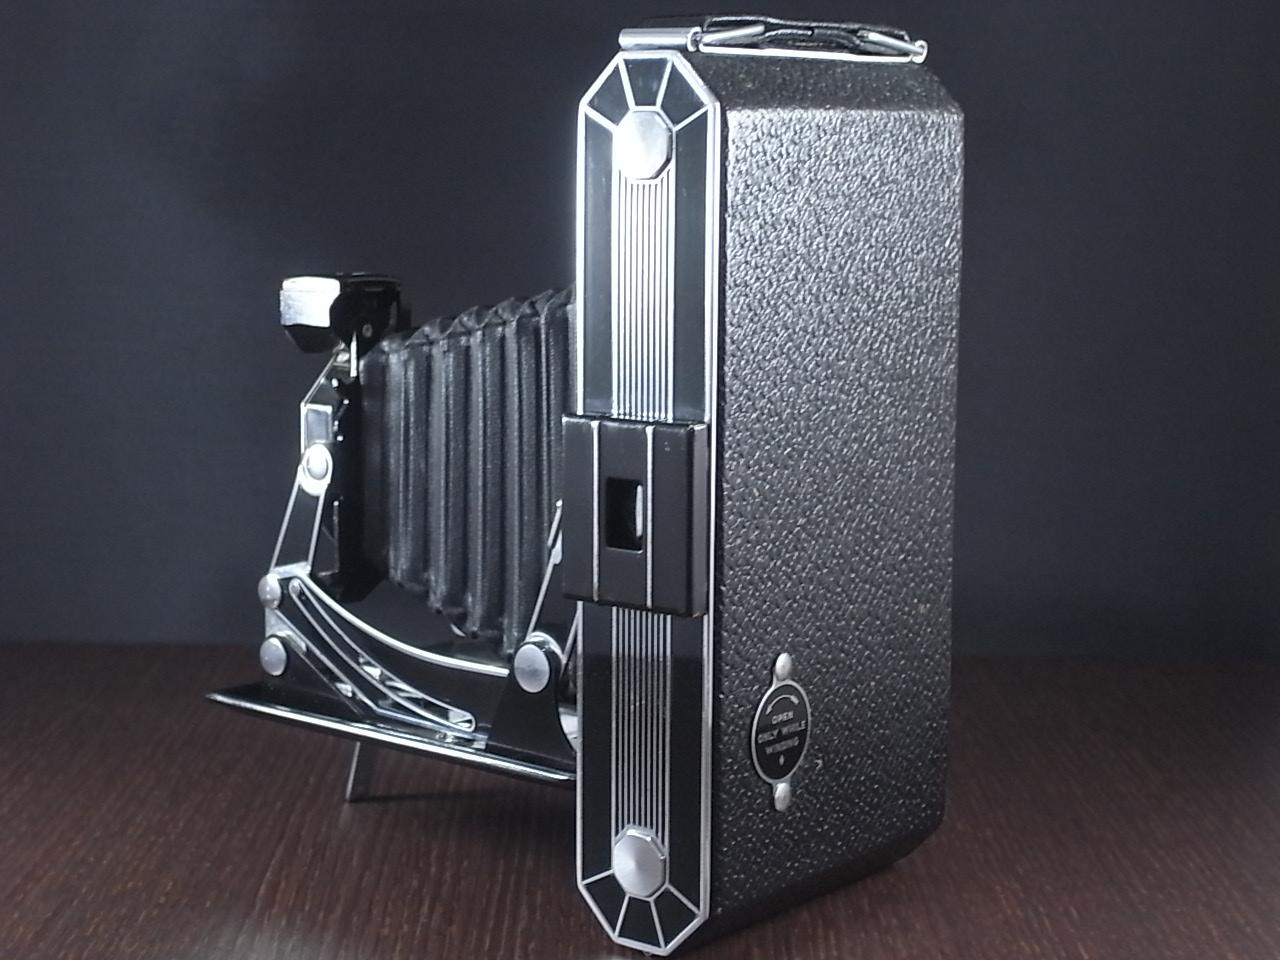 コダック アールデコ 蛇腹カメラ SIX-20 ブラックの写真3枚目